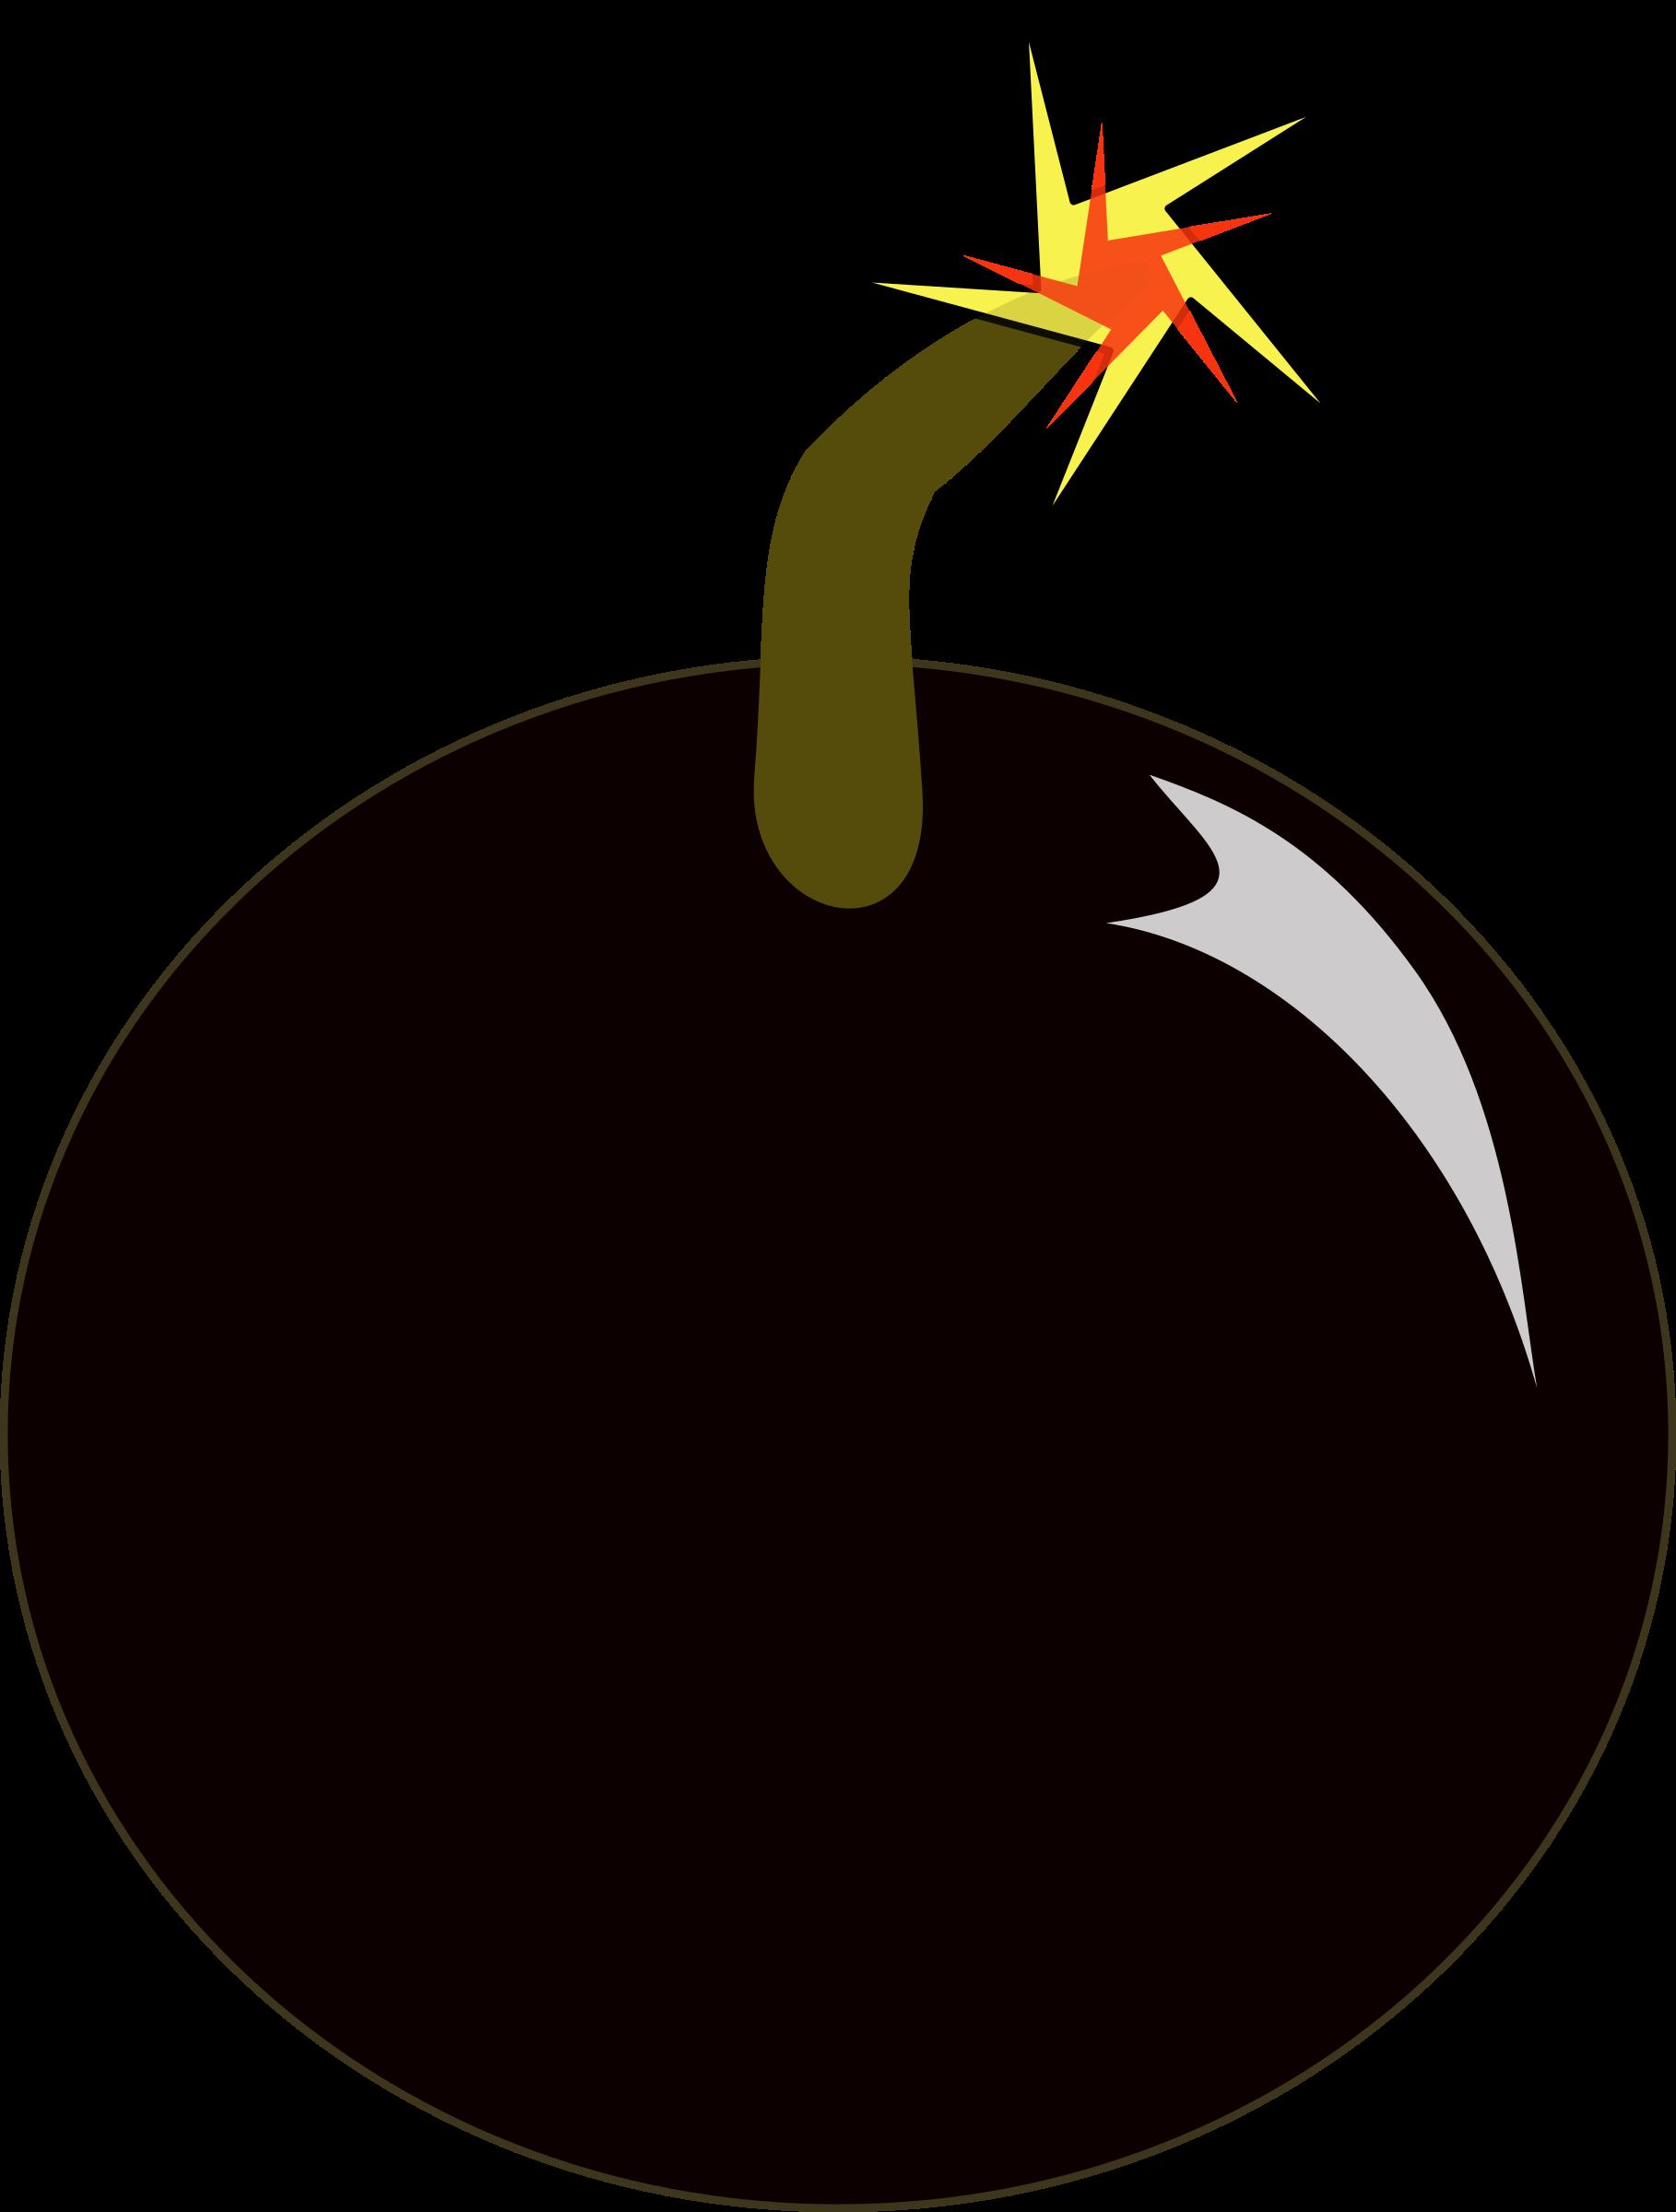 Bomb Clip Art. BIG IMAGE (PNG)